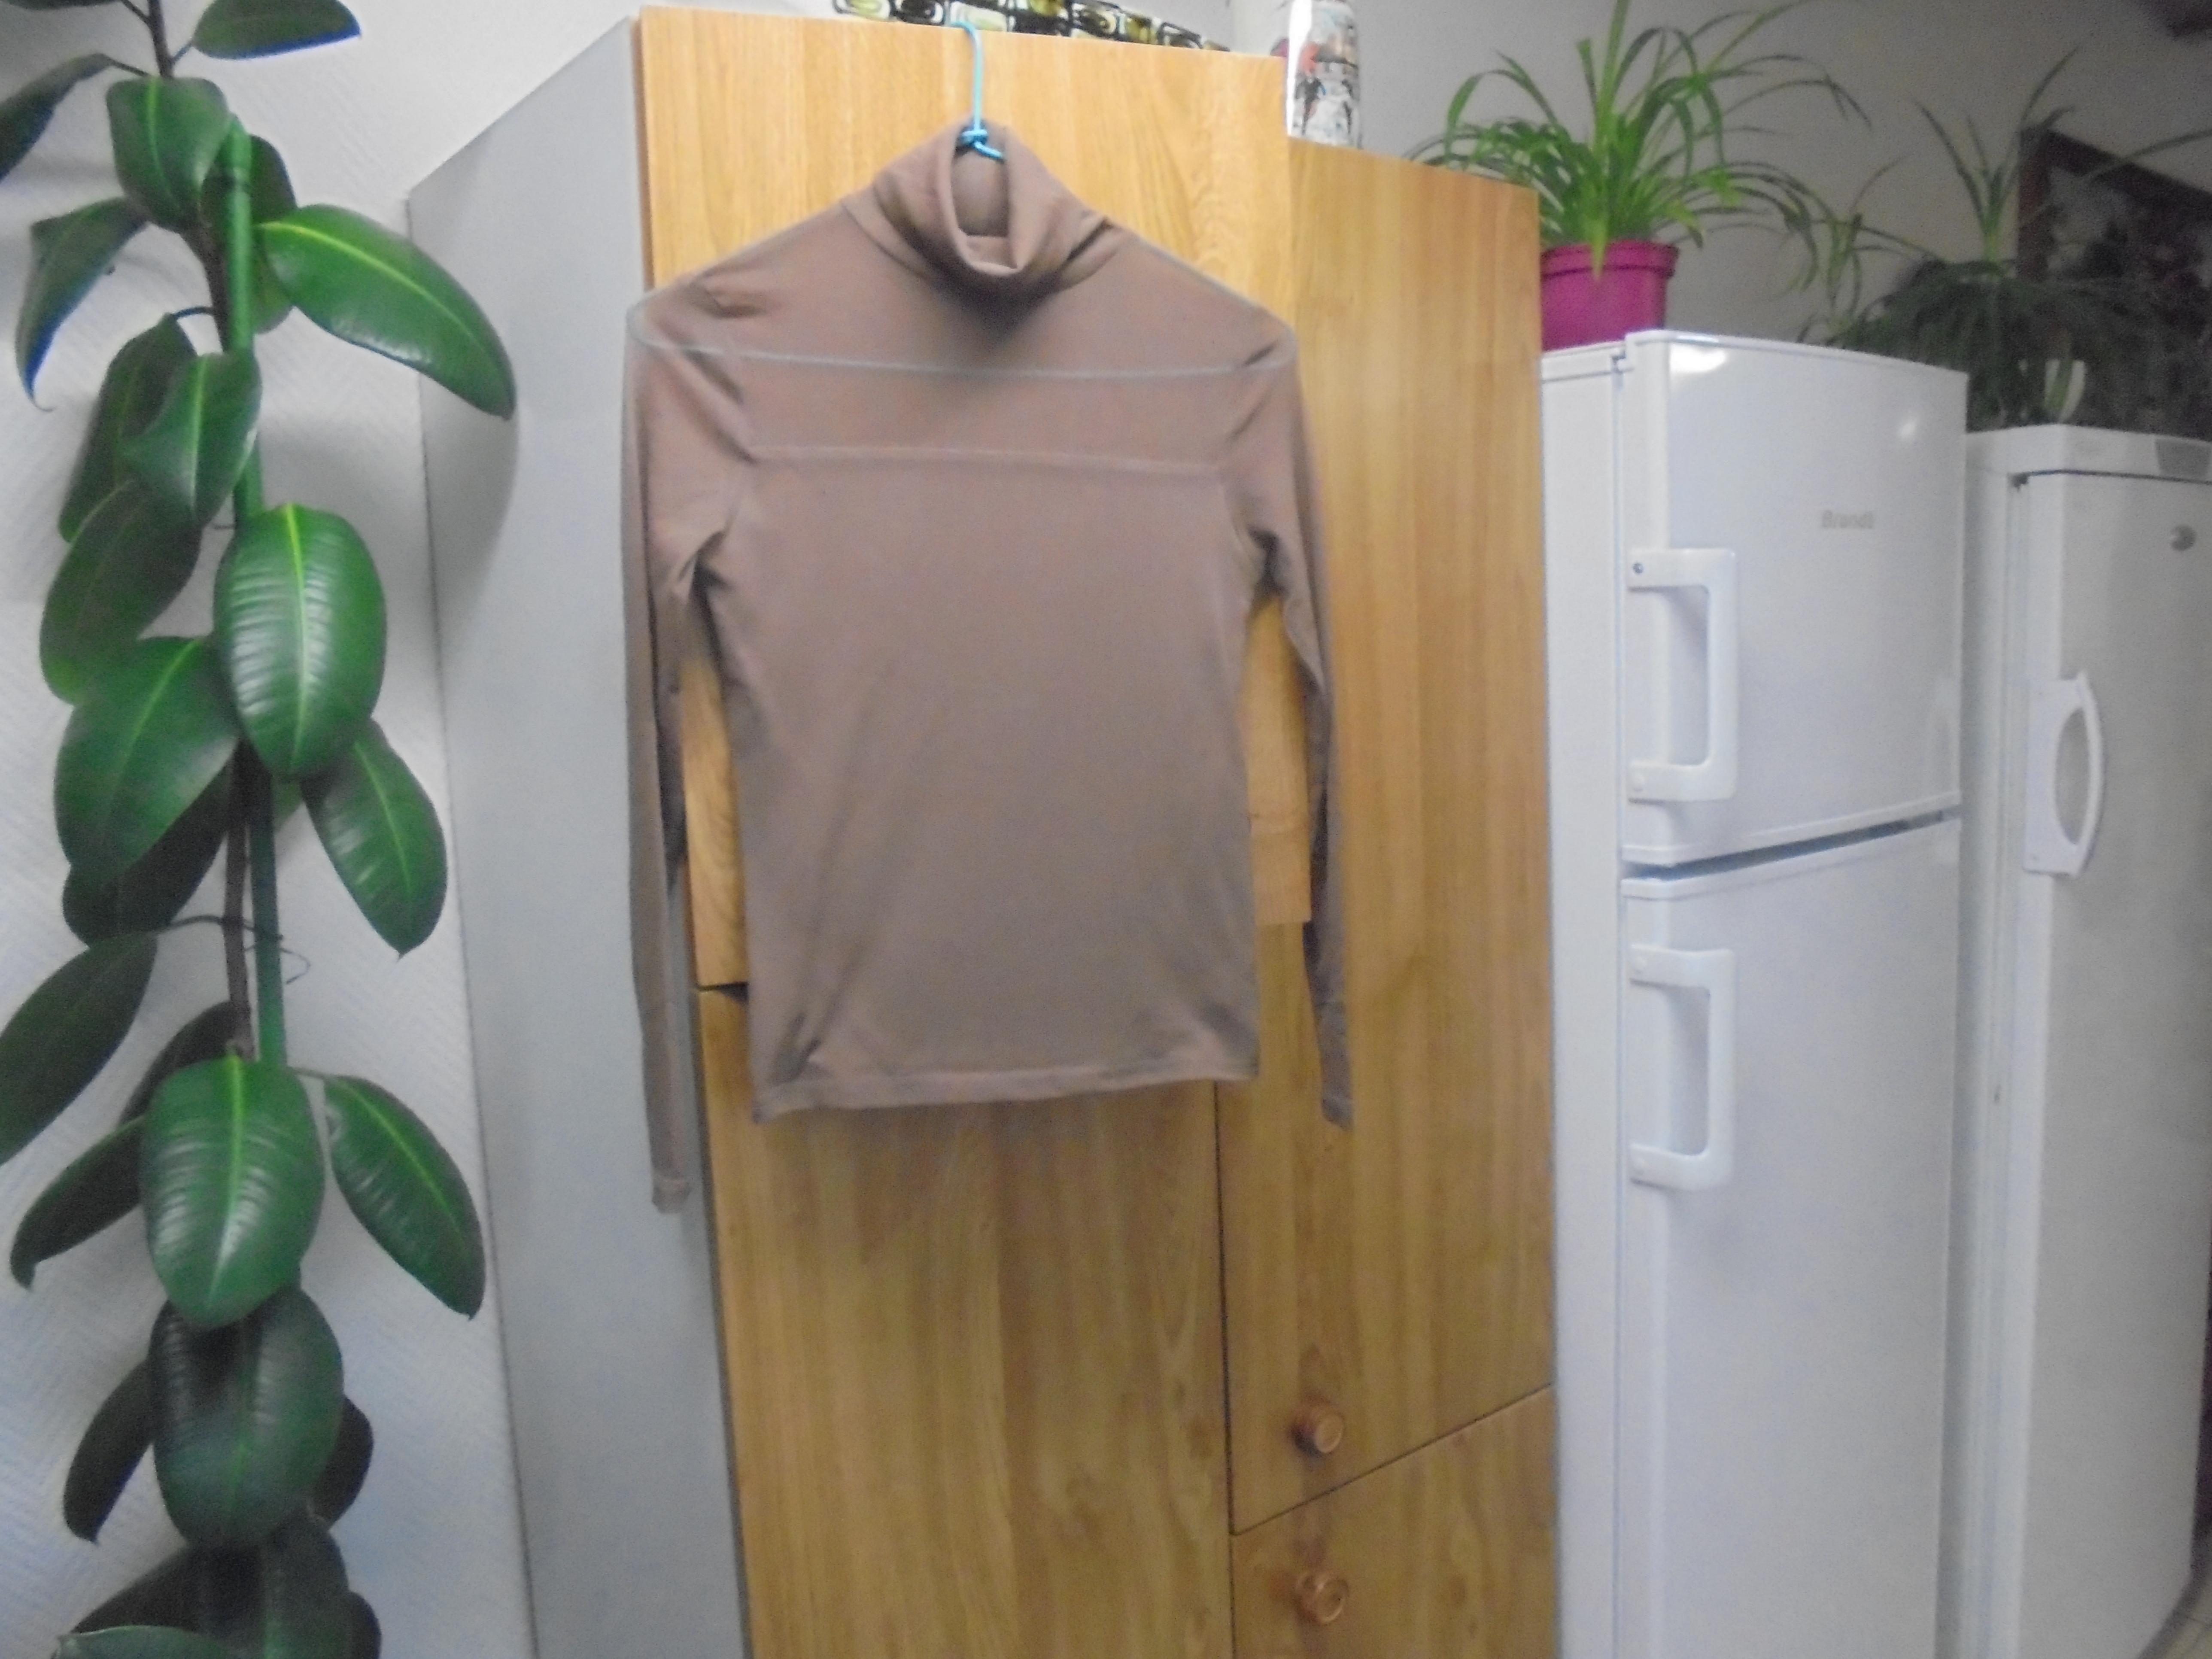 troc de troc sous pull marron empiecement trasparent  t  12 ans  5  noise image 0